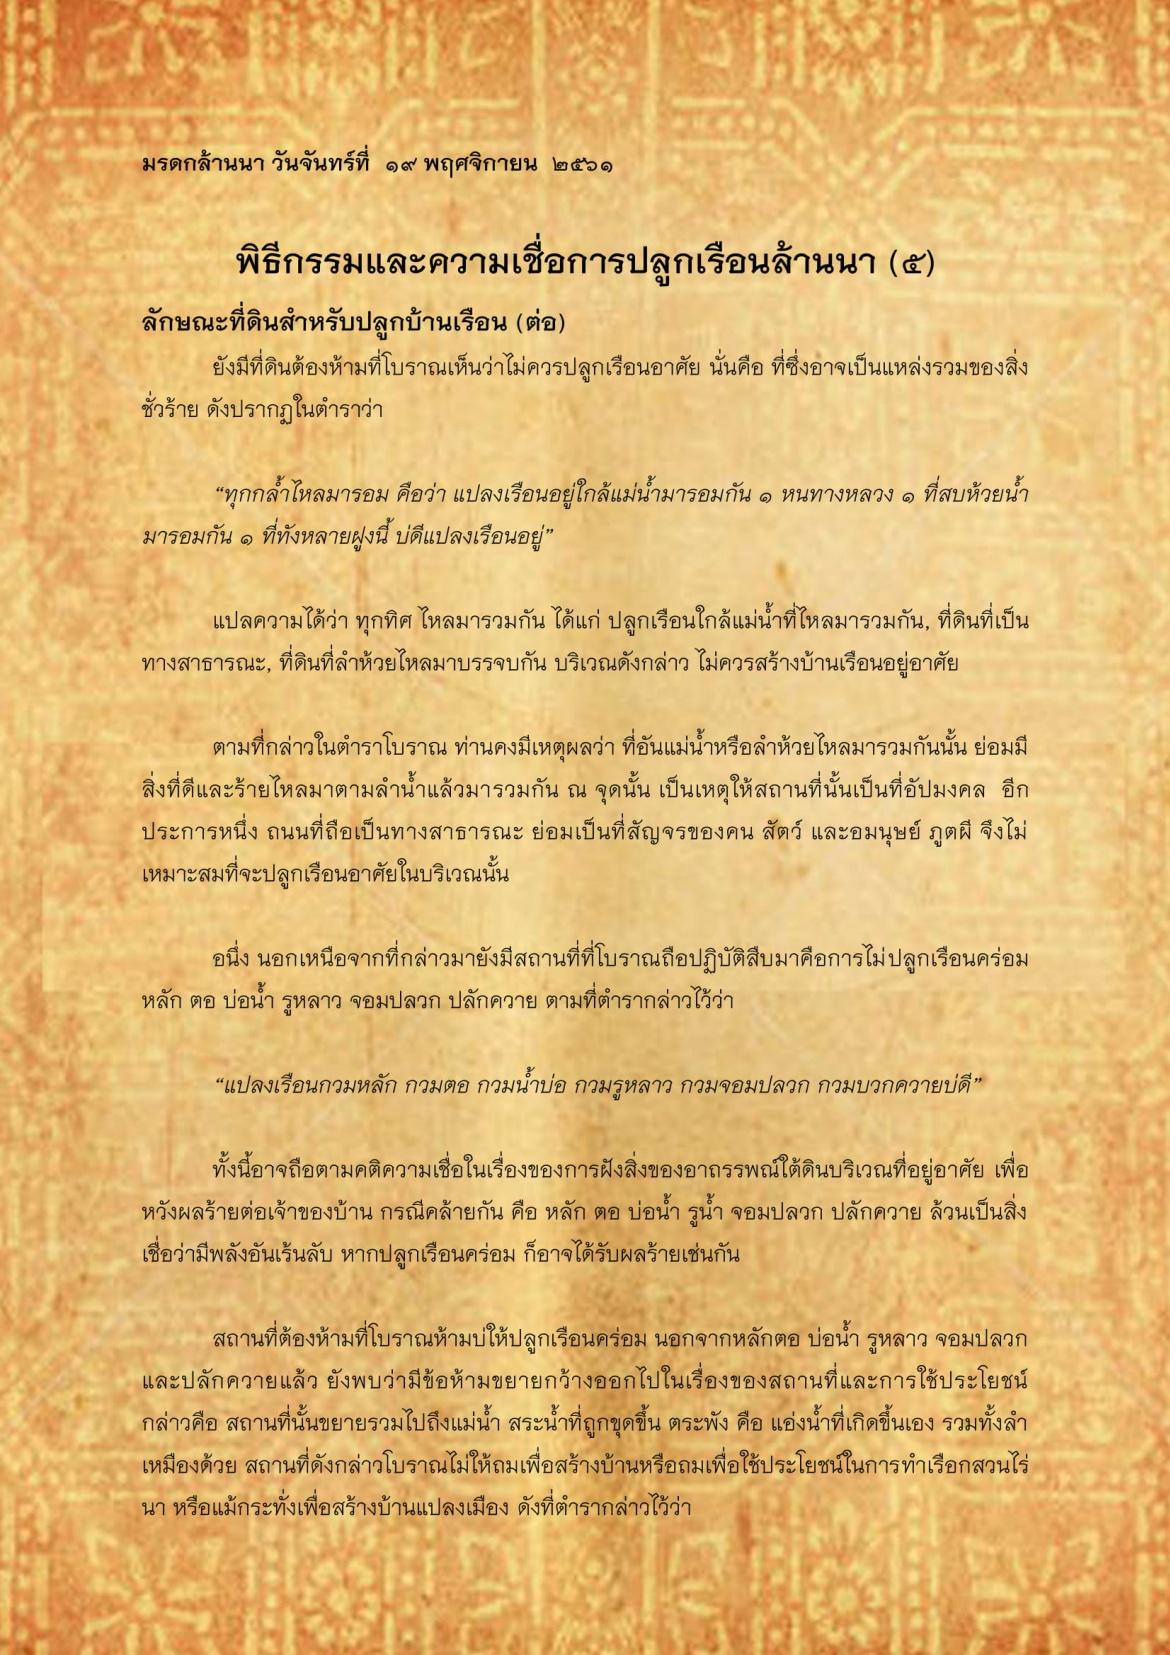 พิธีกรรมเเละความเชื่อการปลูกเรือนล้านนา(5) - 19 พฤศจิกายน 2561